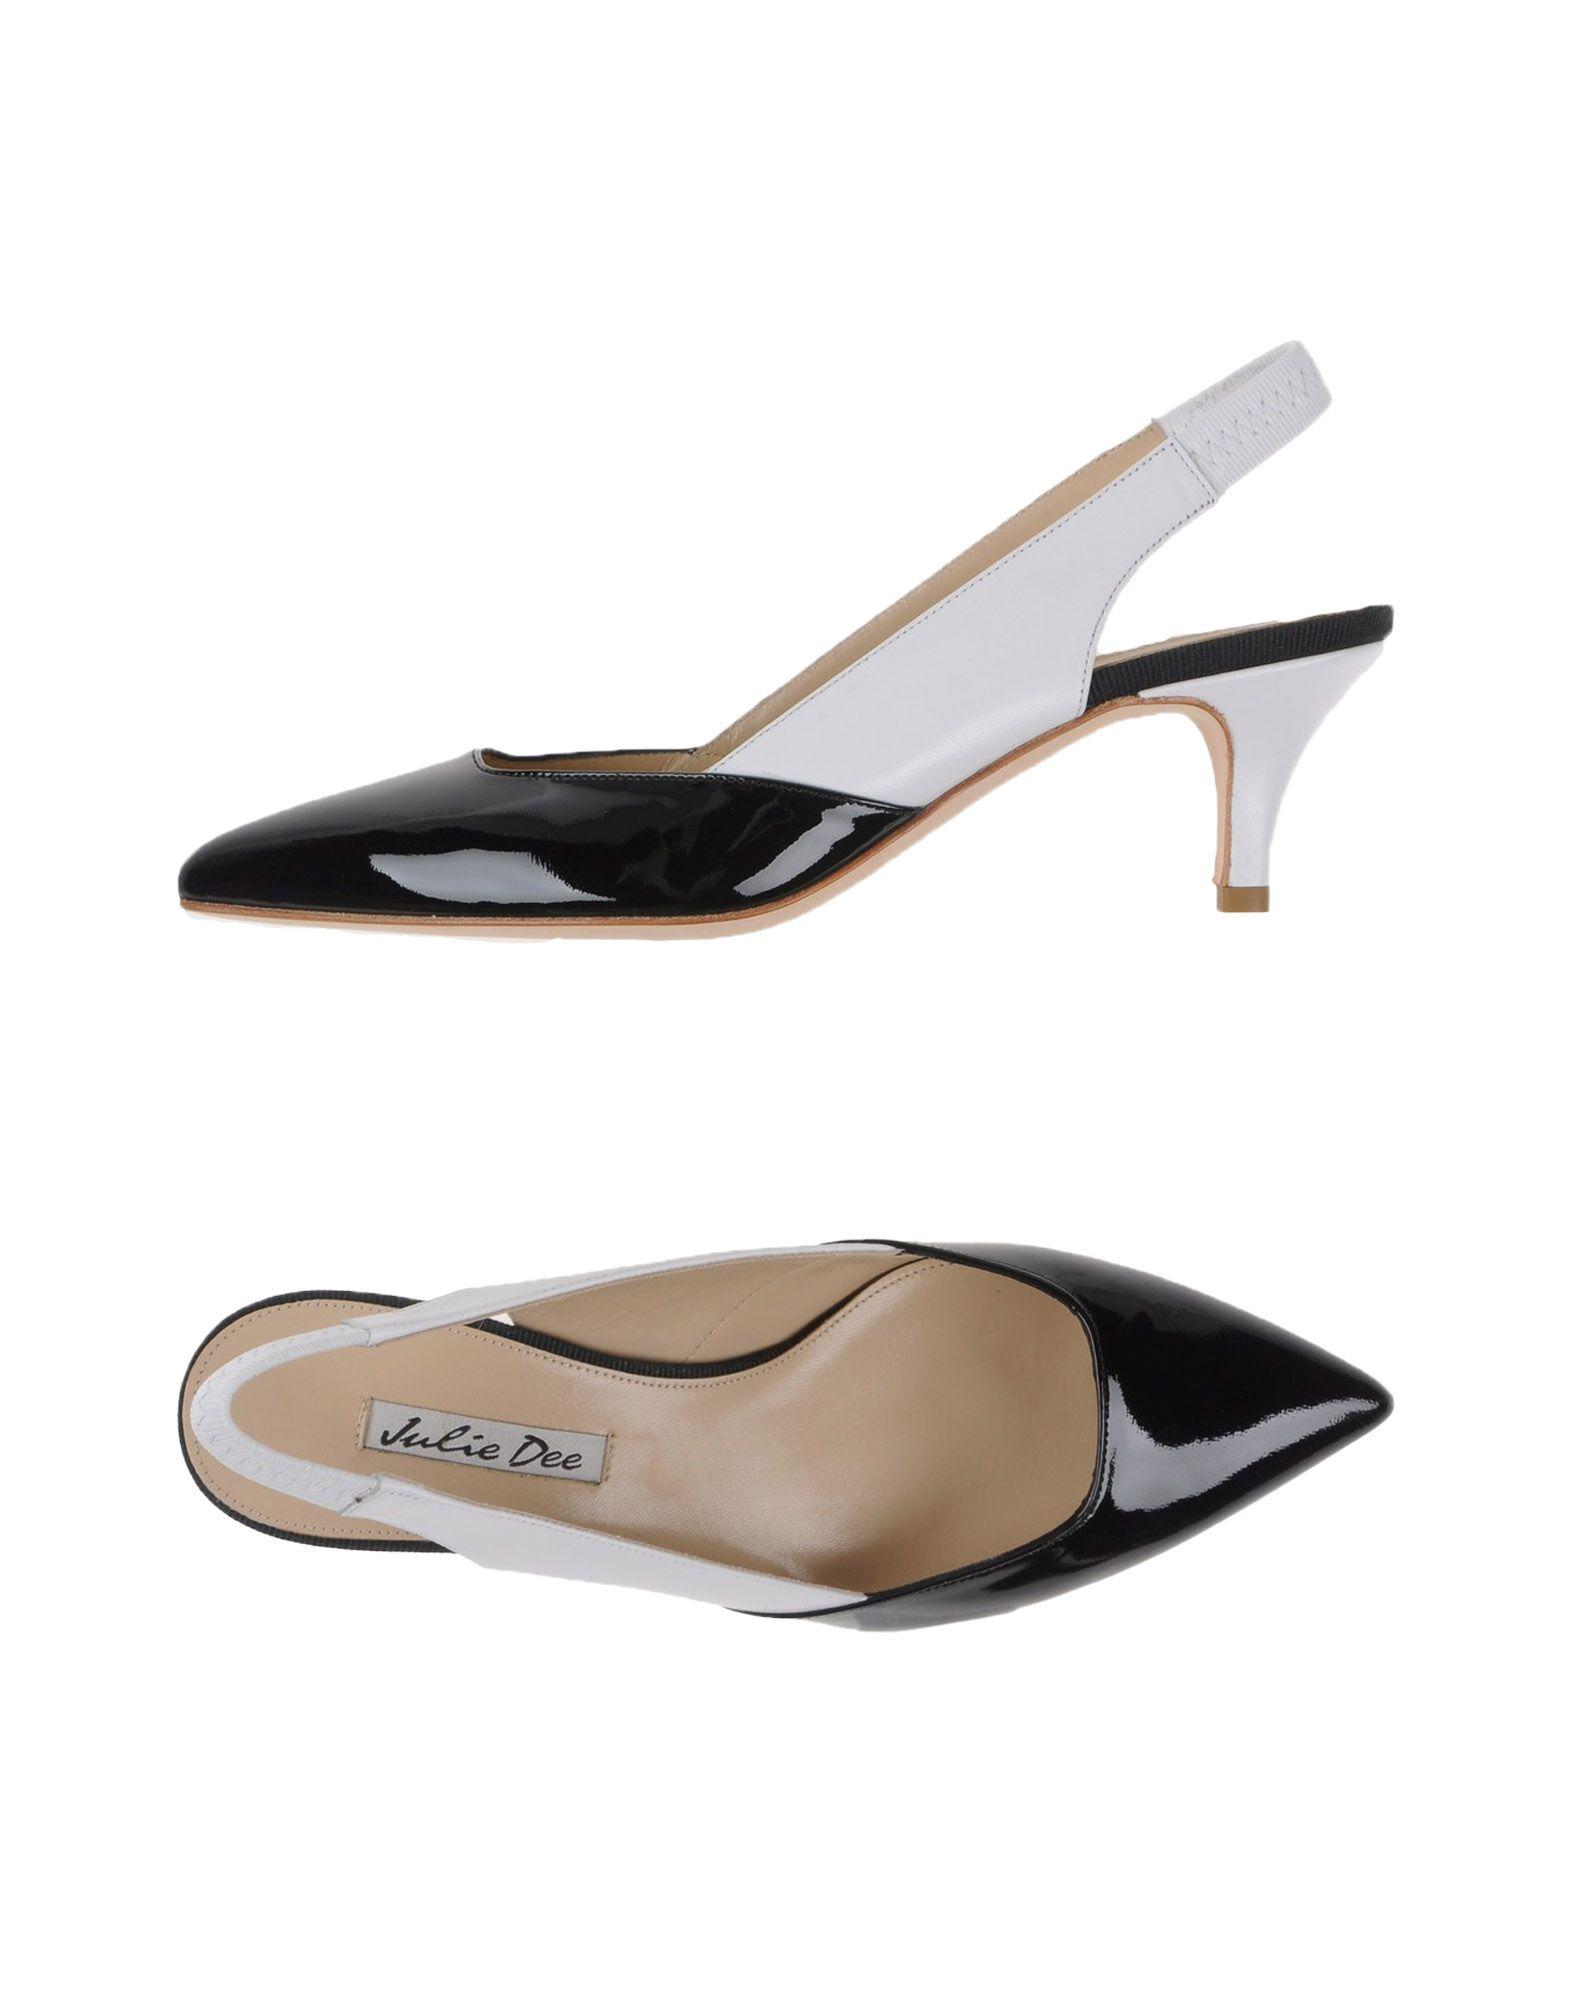 J|D Damen Julie Dee Pumps Damen J|D  44950122MK Neue Schuhe 043d4d